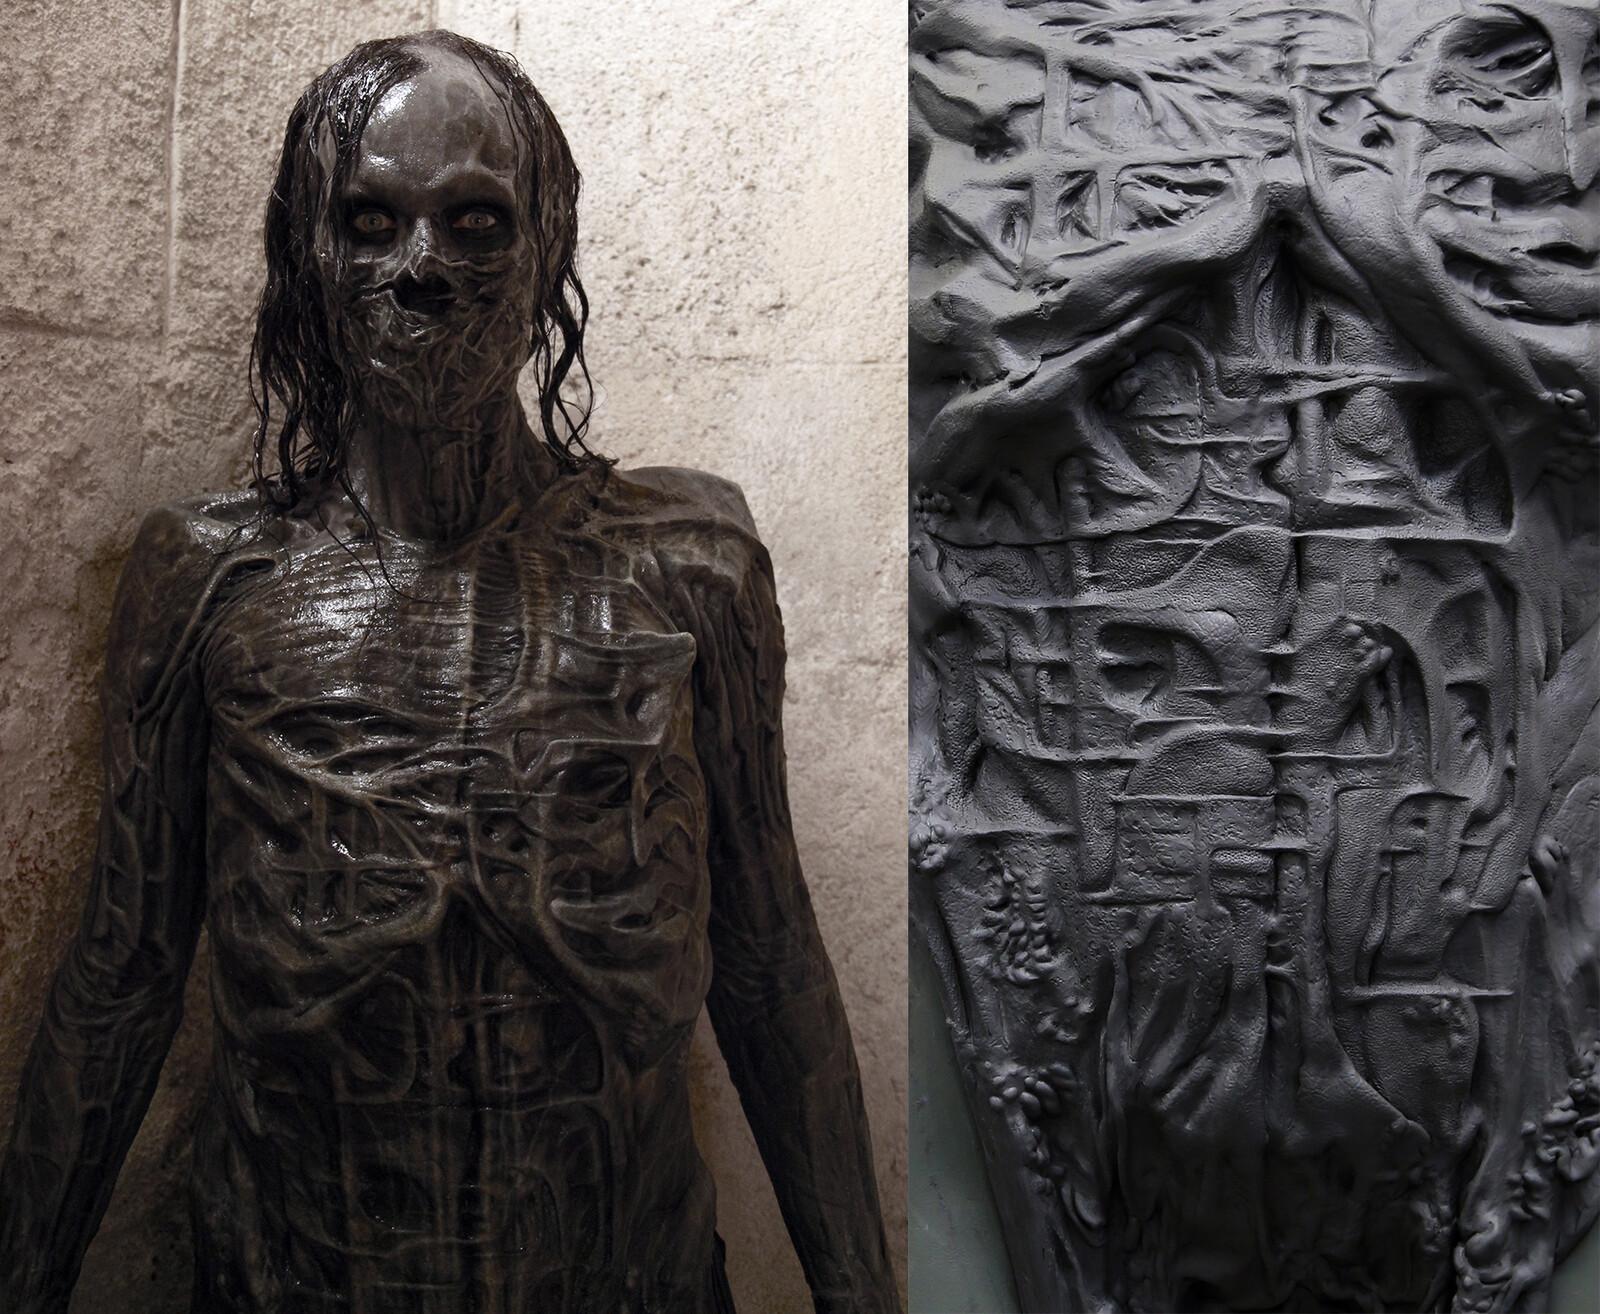 Suspiria 2016 / Figure of Death